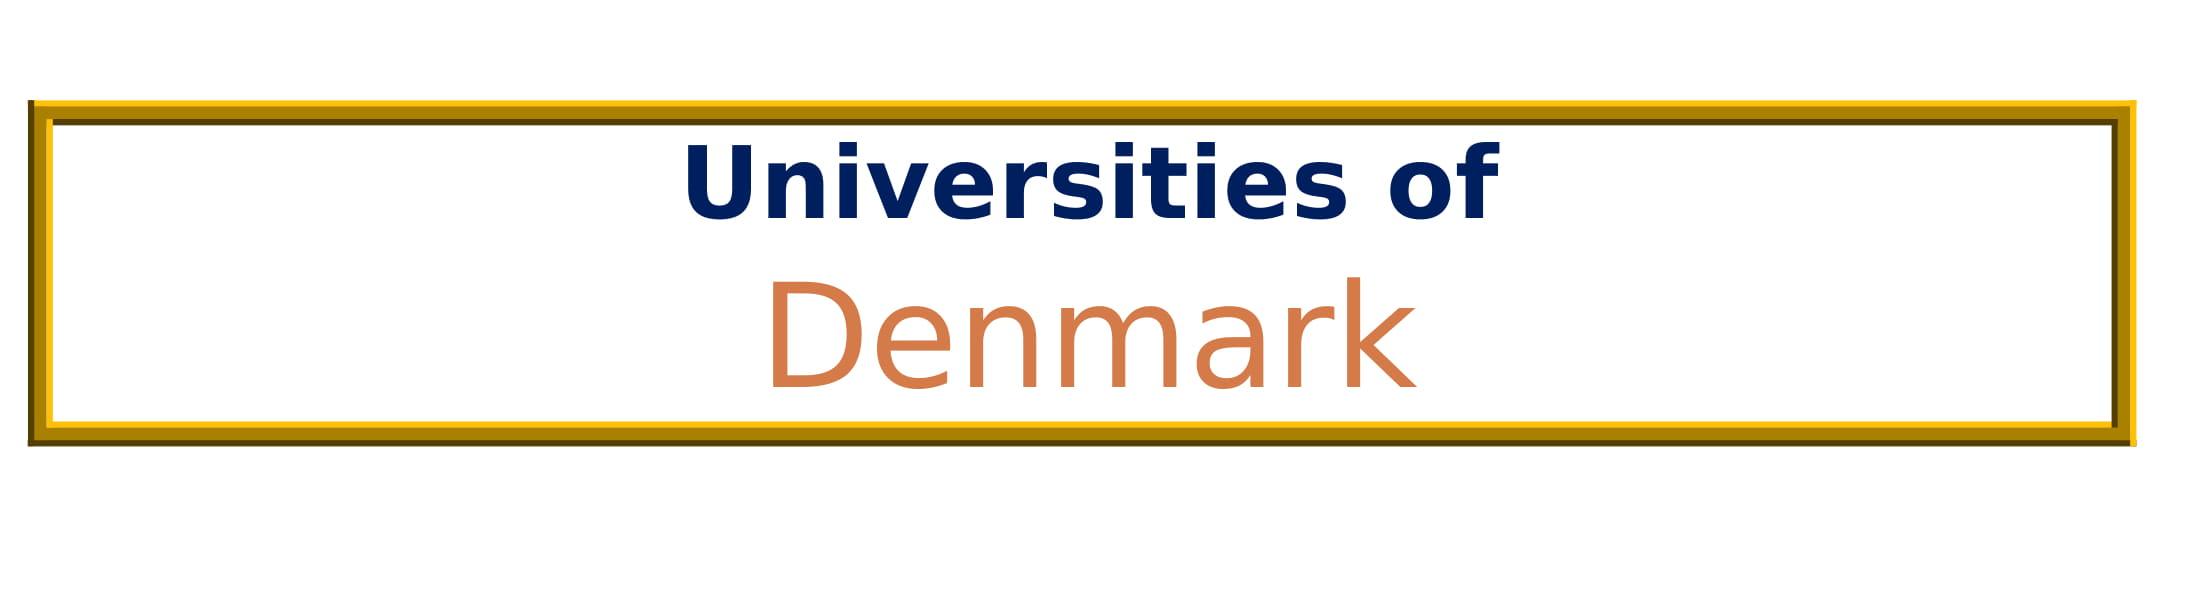 List of Universities in Denmark